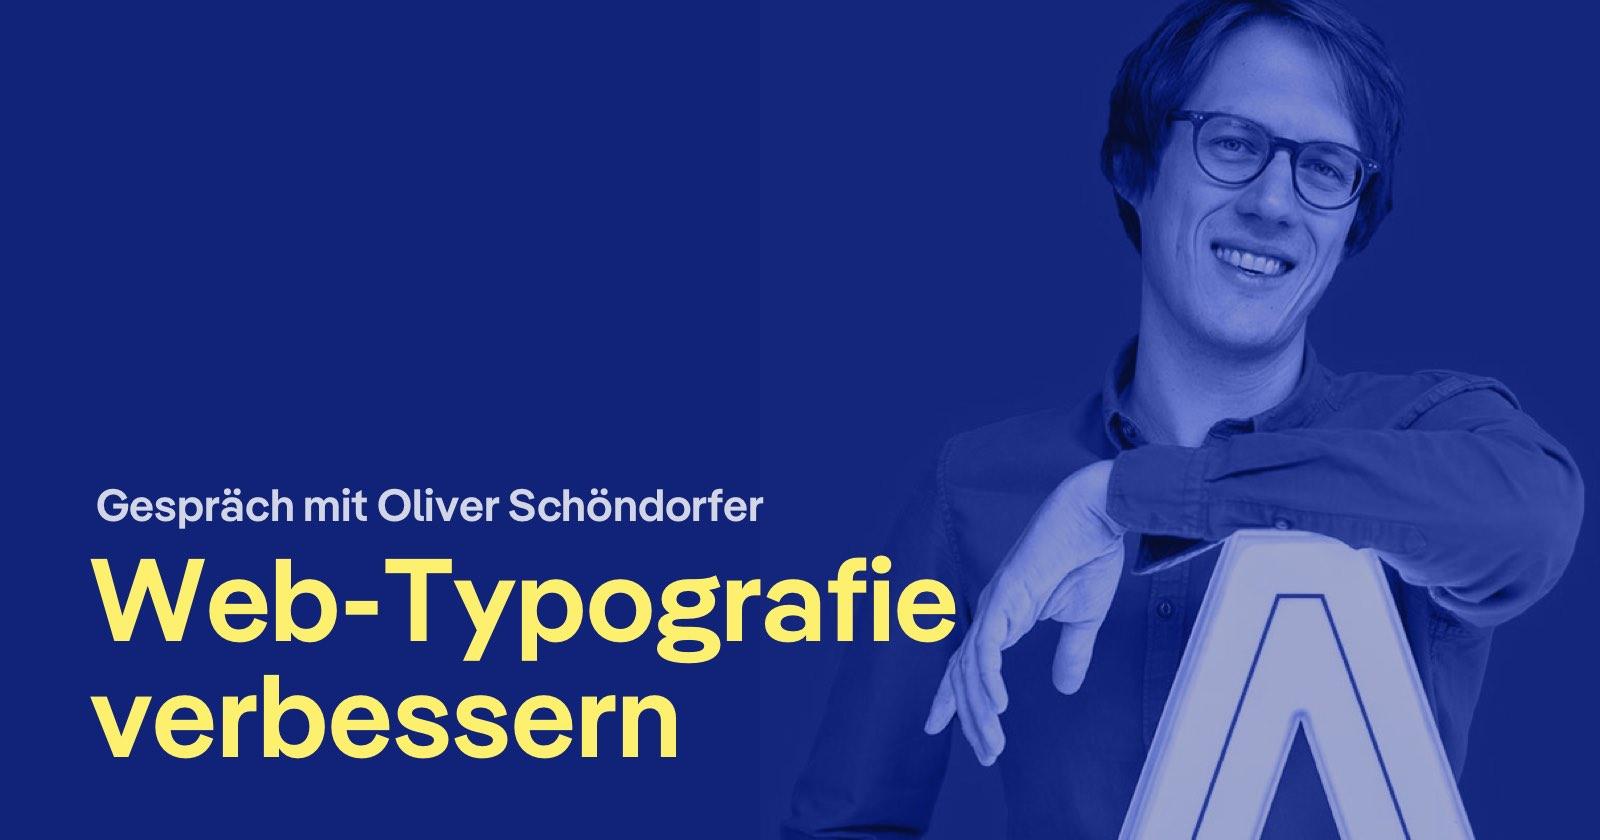 5 Tipps um deine Web-Typografie zu verbessern